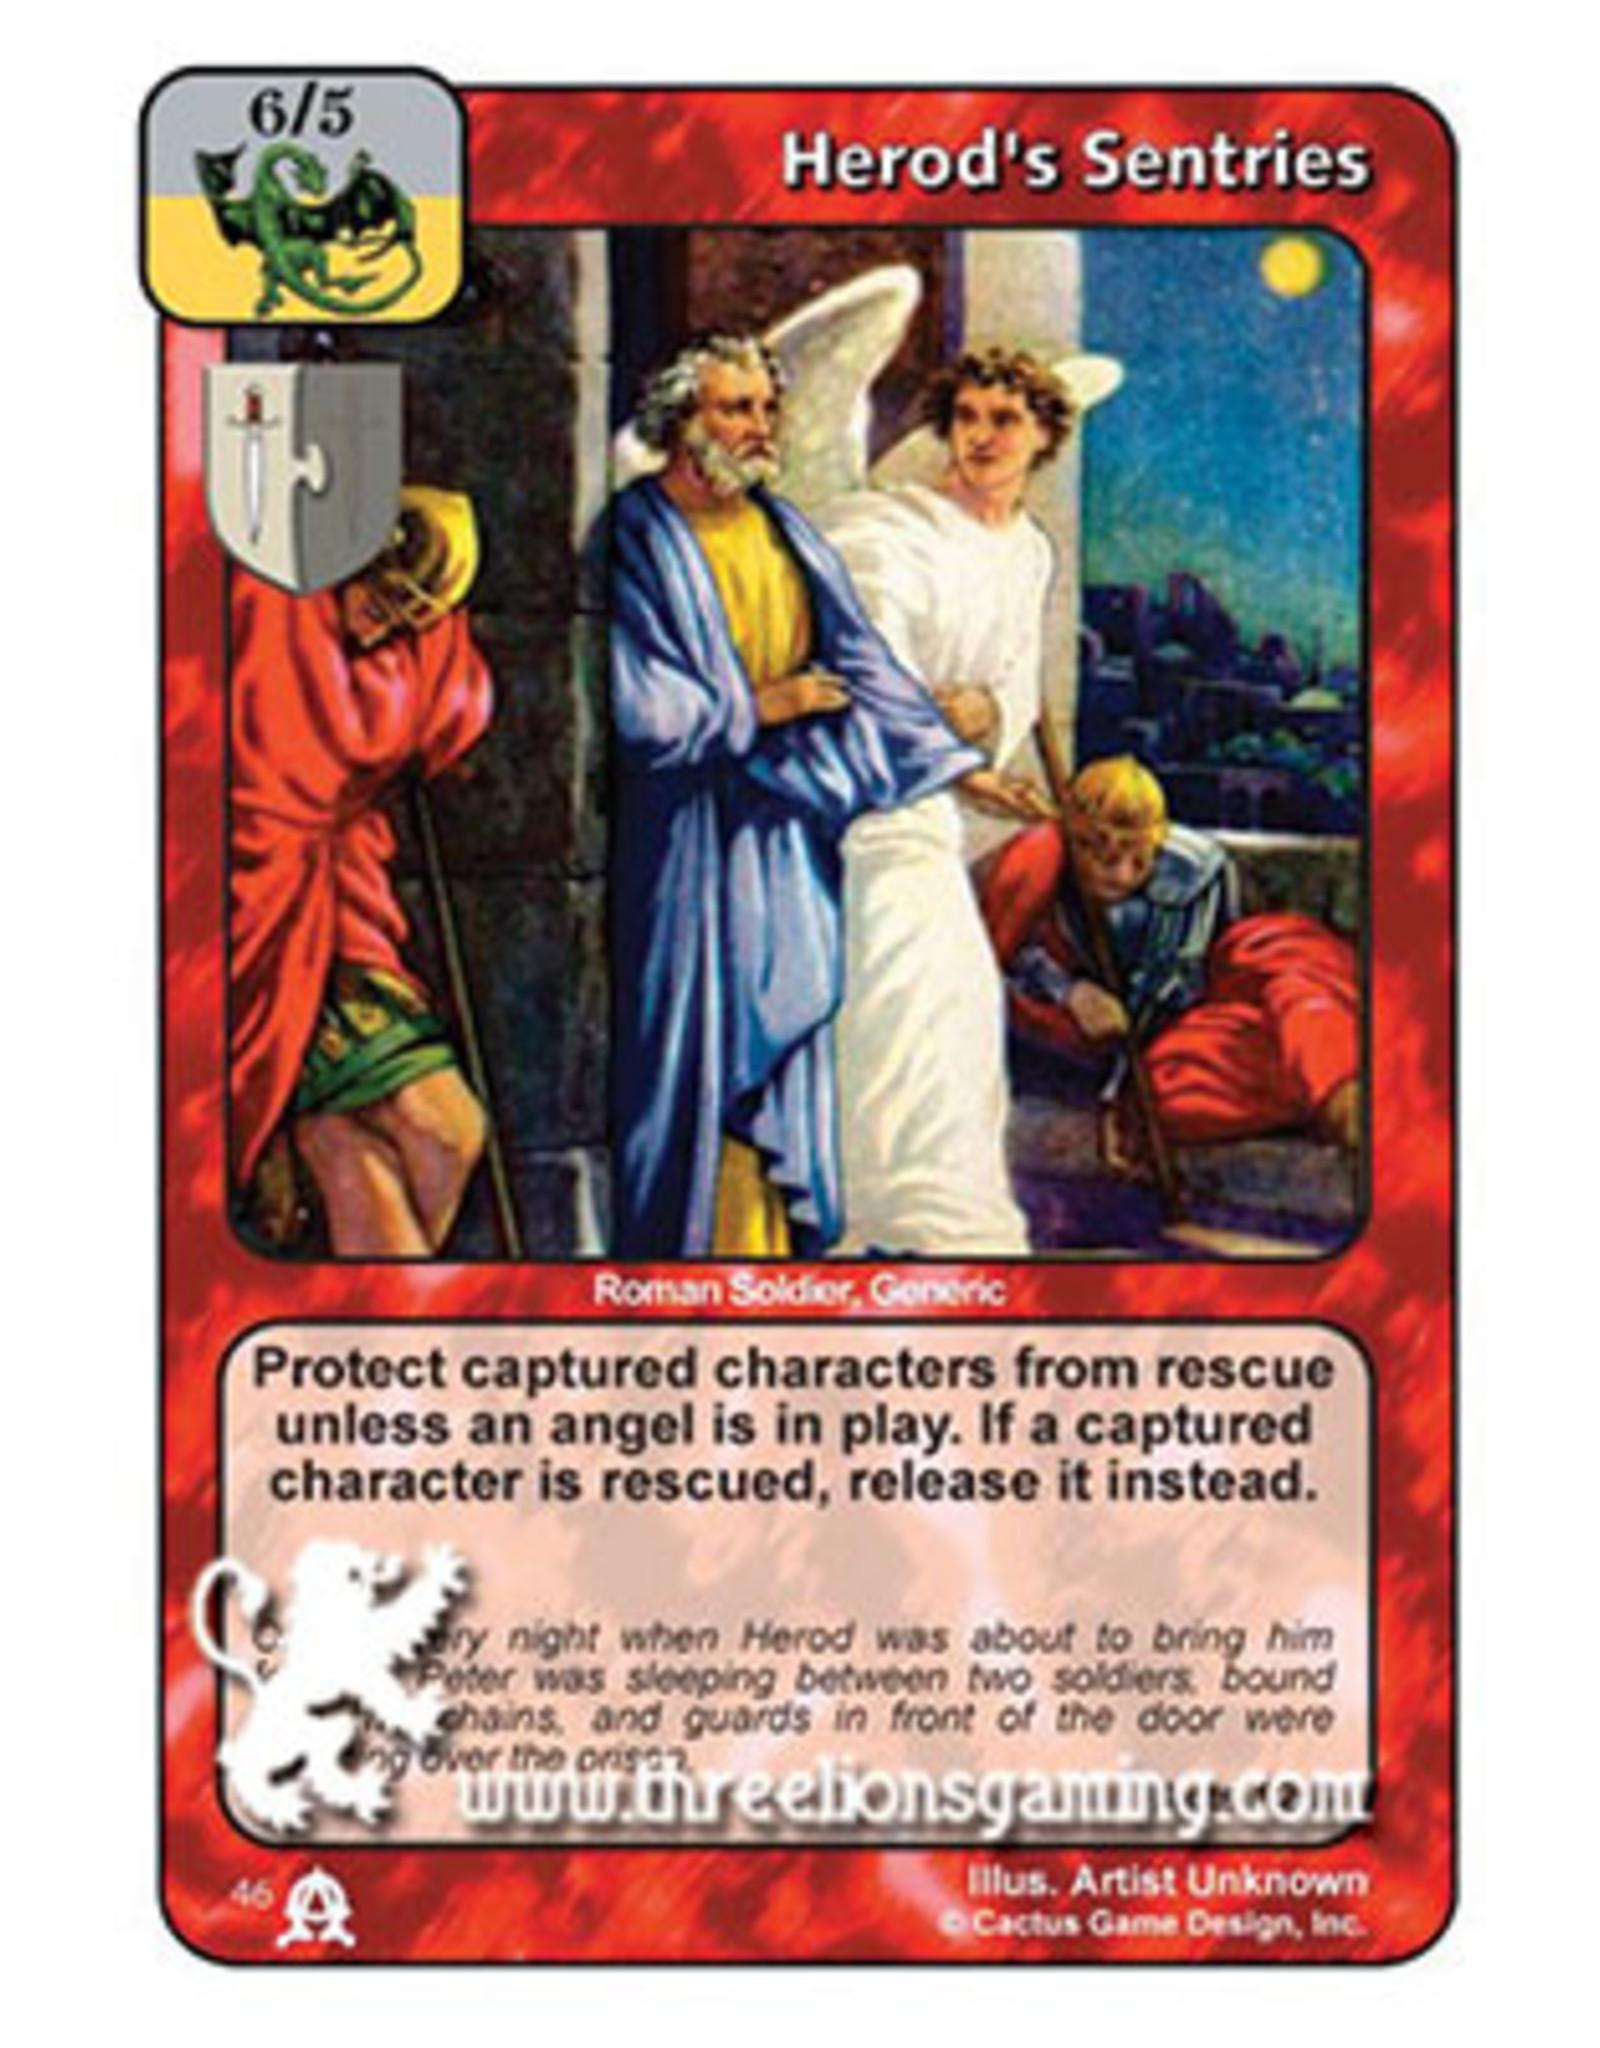 EC: Herod's Sentries